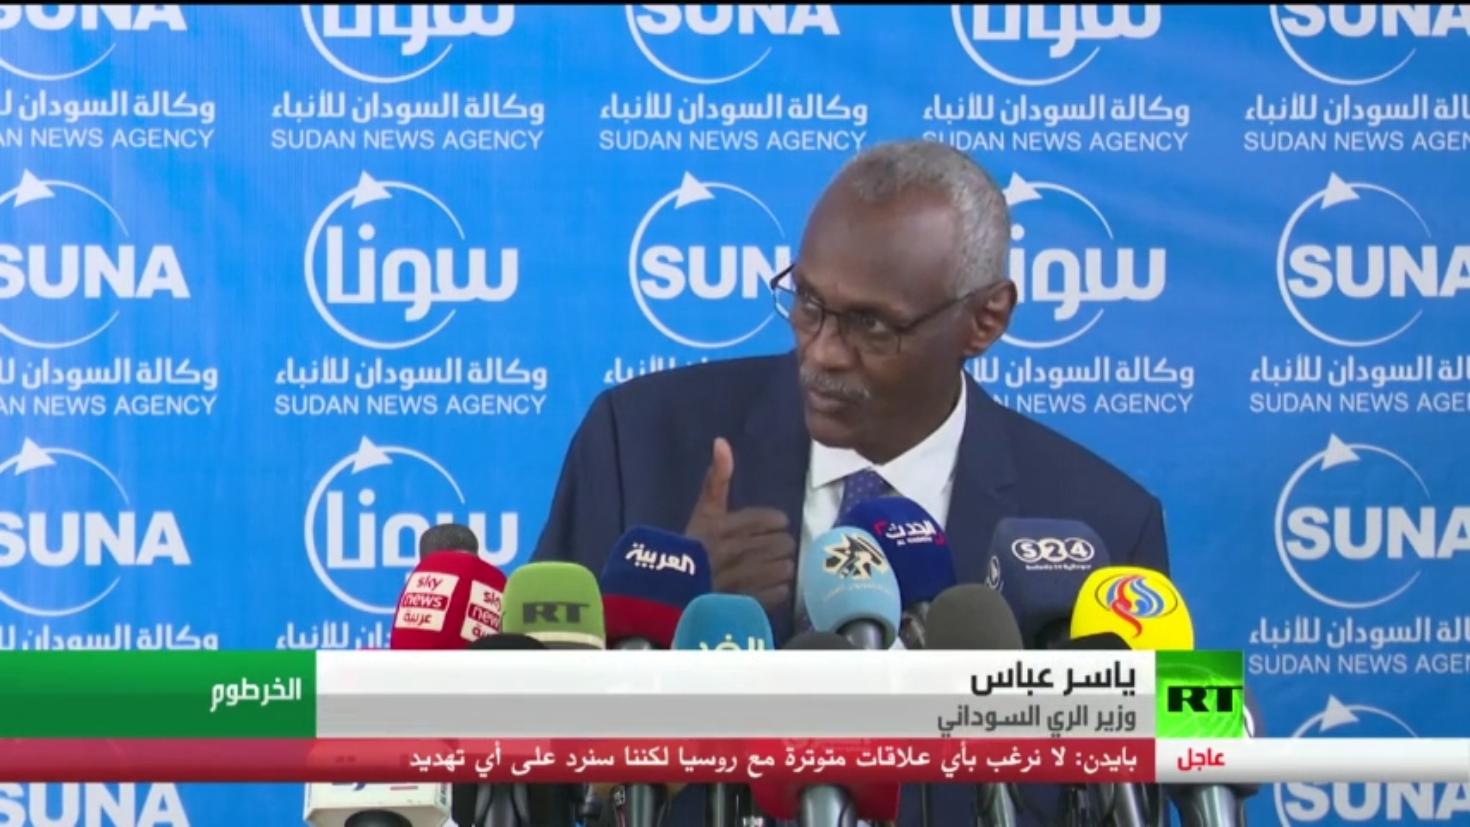 الخرطوم: منفتحون على اتفاق جزئي مع إثيوبيا